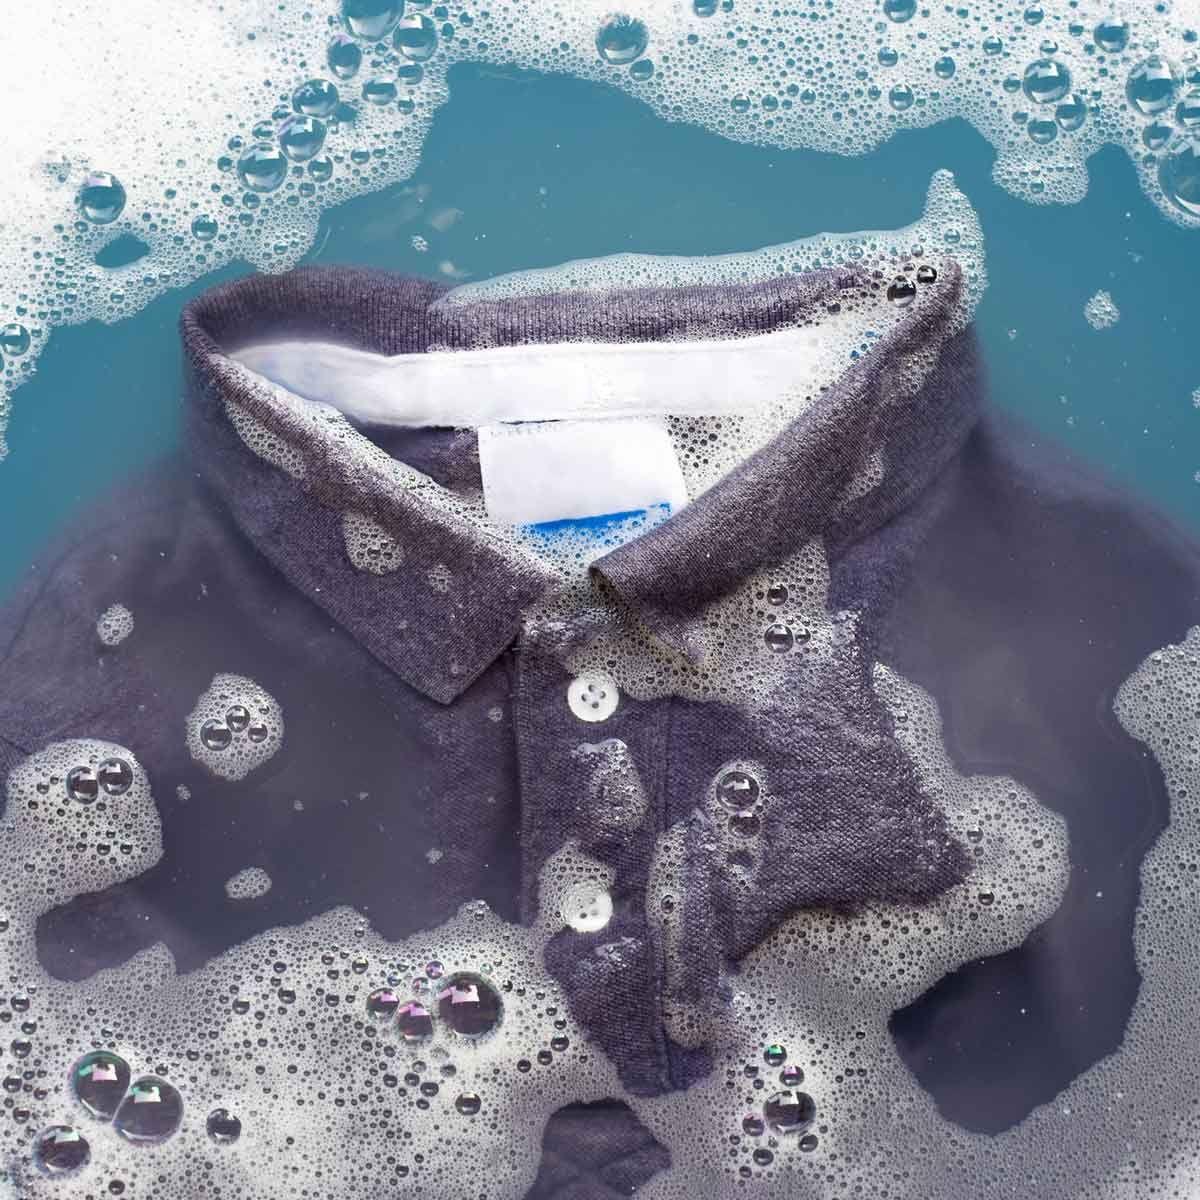 Wet clothes